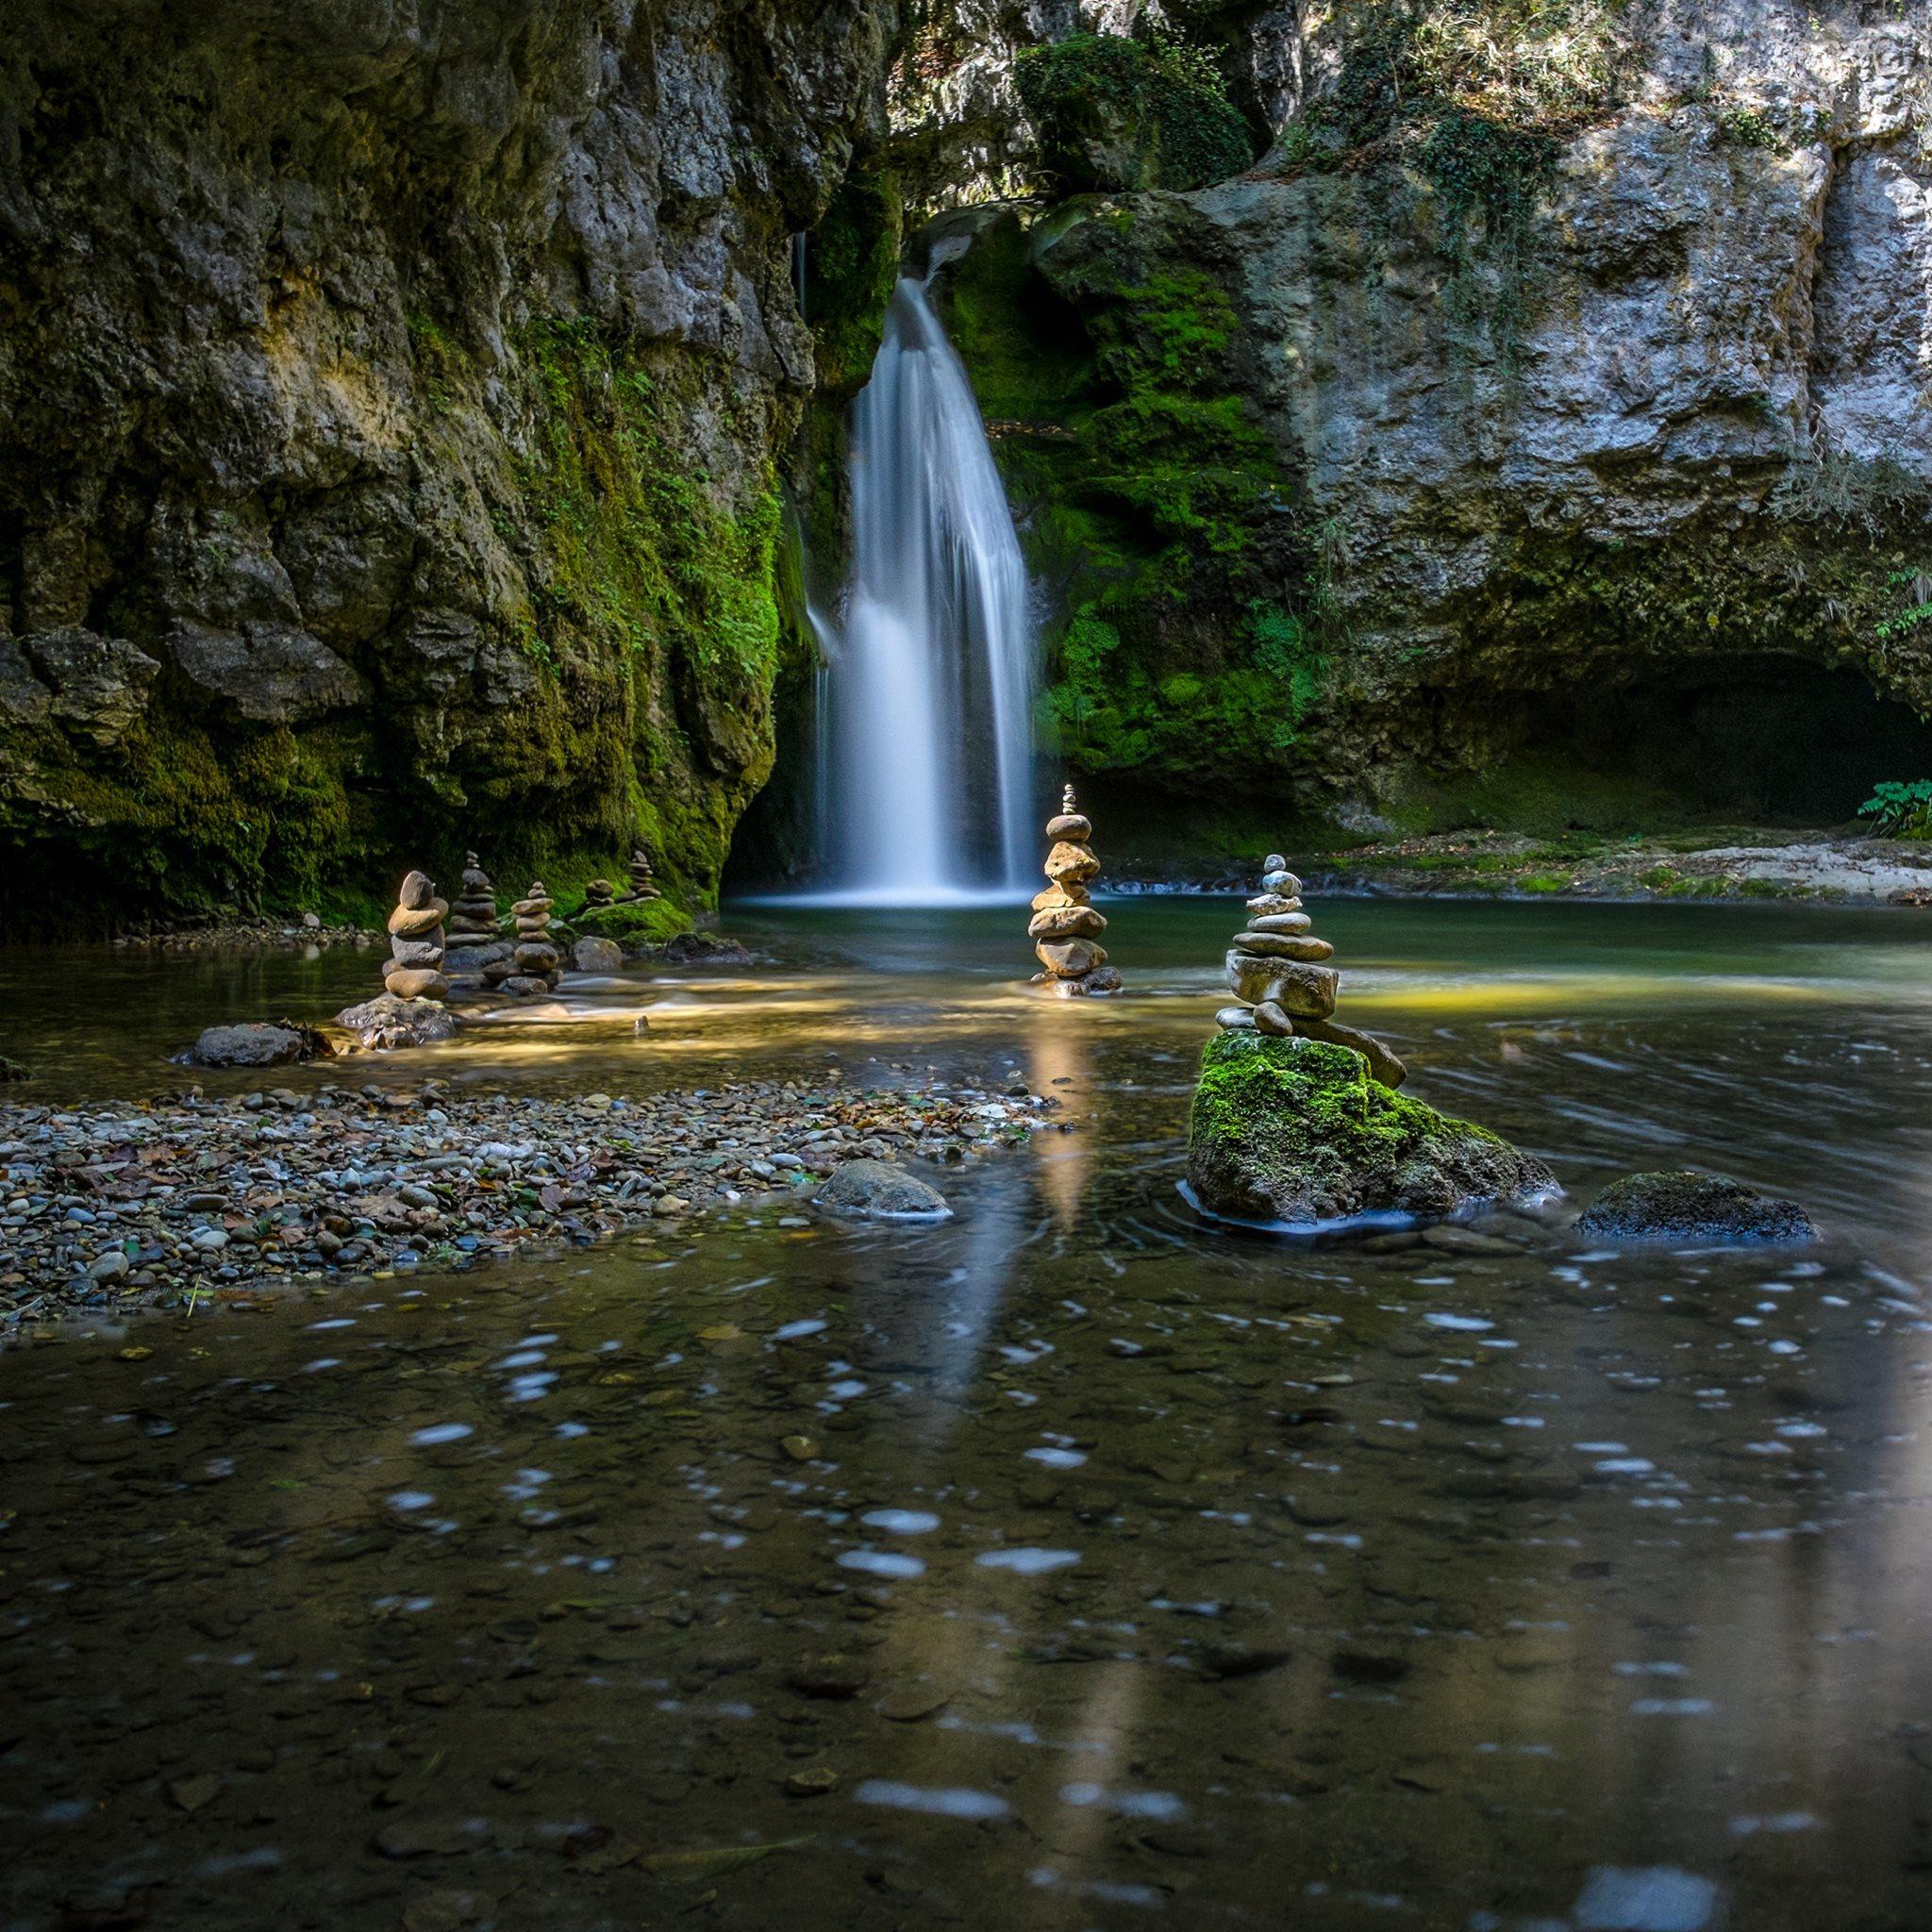 Zen Garden Waterfalls Hd Wallpapers 4k Macbook And